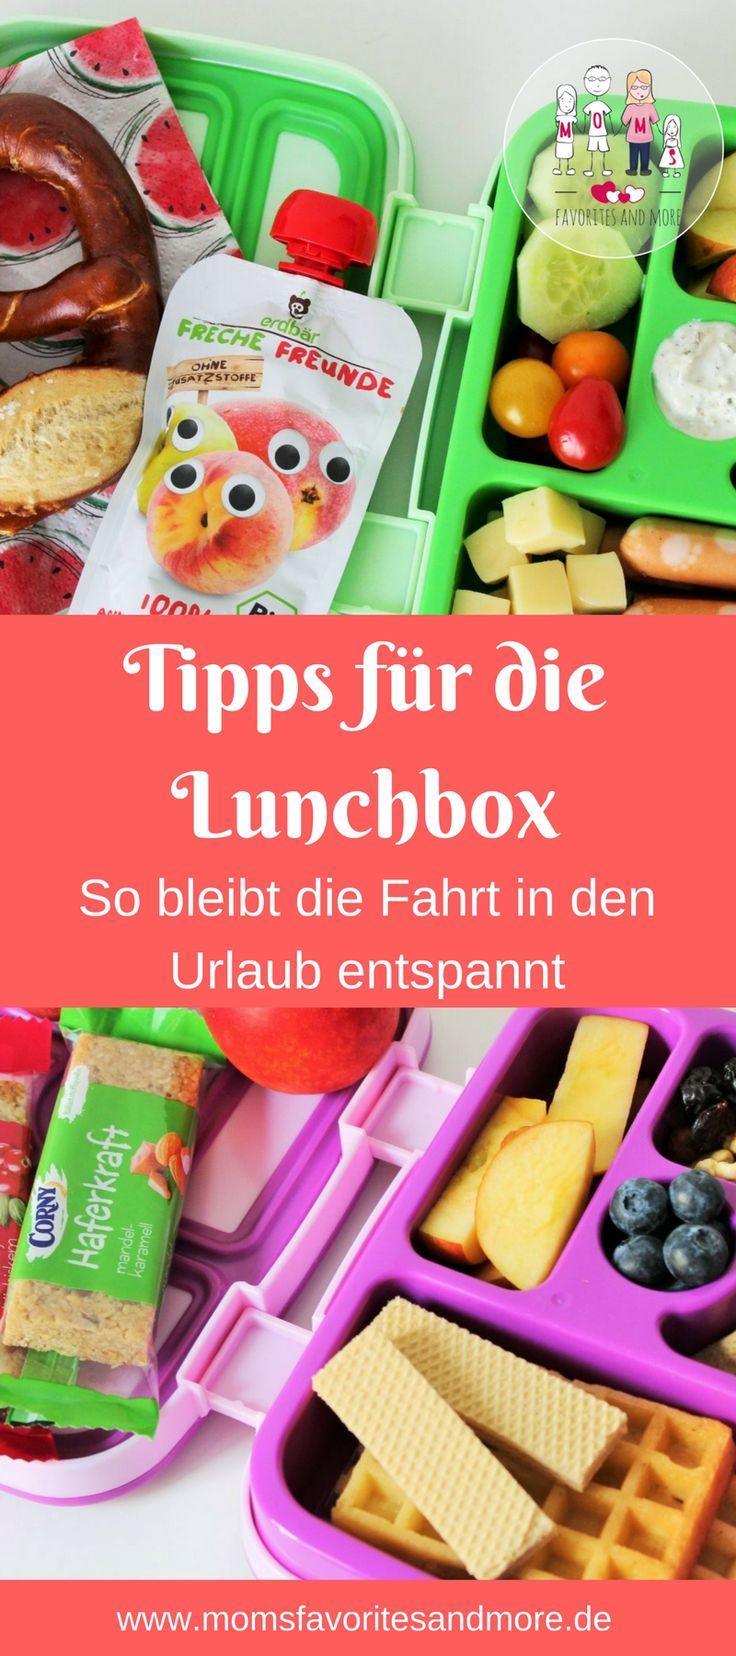 Ob für den Kindergarten, die Schule oder die Fahrt in den Urlaub. Eine Lunchbox ist immer eine gute Idee. Hier gibt es Tipps für eine gesunde und ausgewogene Ernährung und Ideen, wie ihr die Lunchbox eurer Kinder mit abwechslungsreich und gesund füllen könnt. Gemüse, Obst und kleine Knabbereien für die Frühstückspause, Hofpause oder die Fahrt in den Urlaub machen die Lunchbox zu einem Erlebnis. Das wird eure Kinder begeistern.